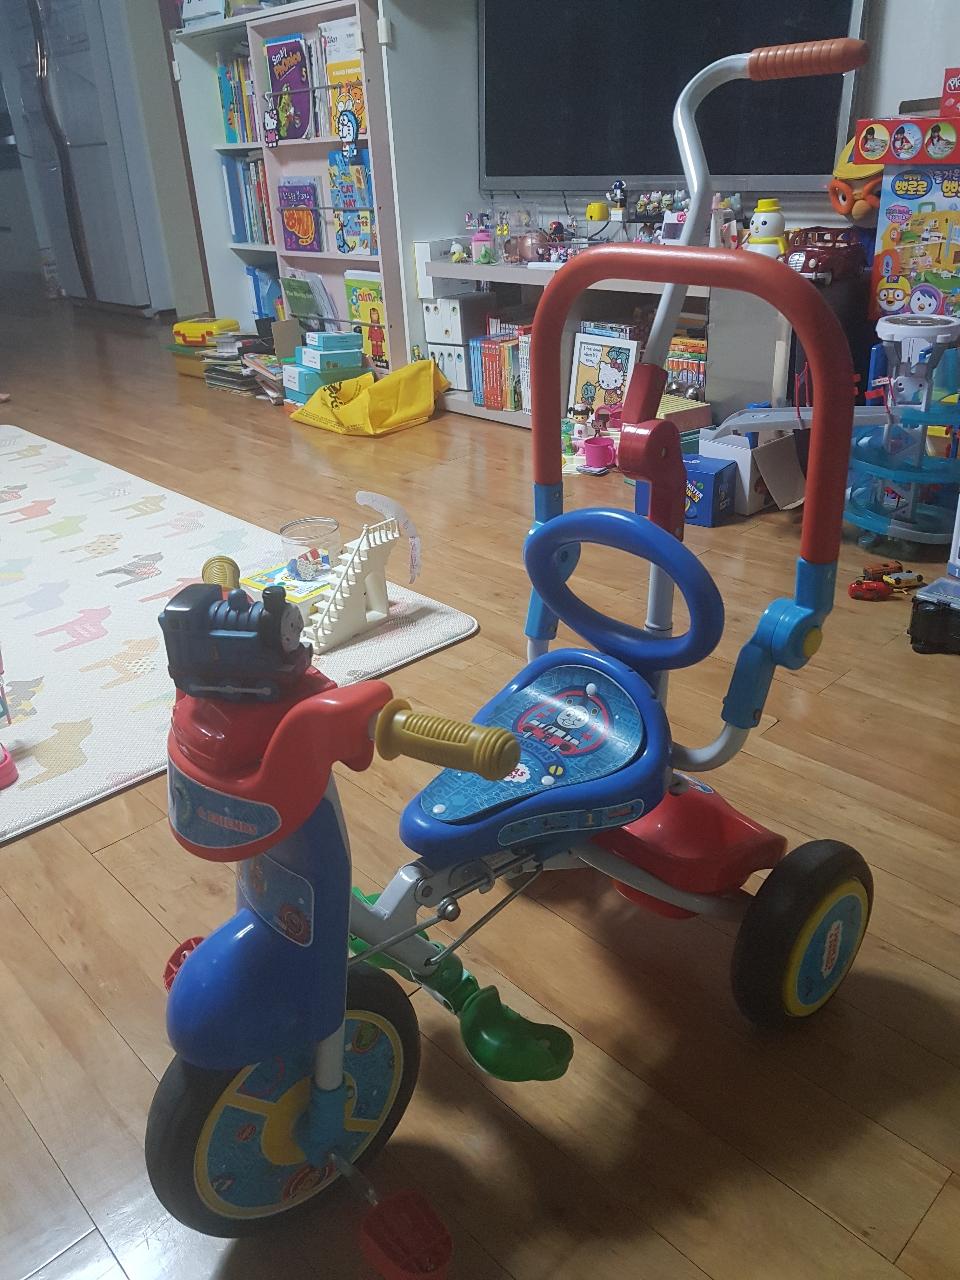 토마스 세발 자전거 - 가격 내림